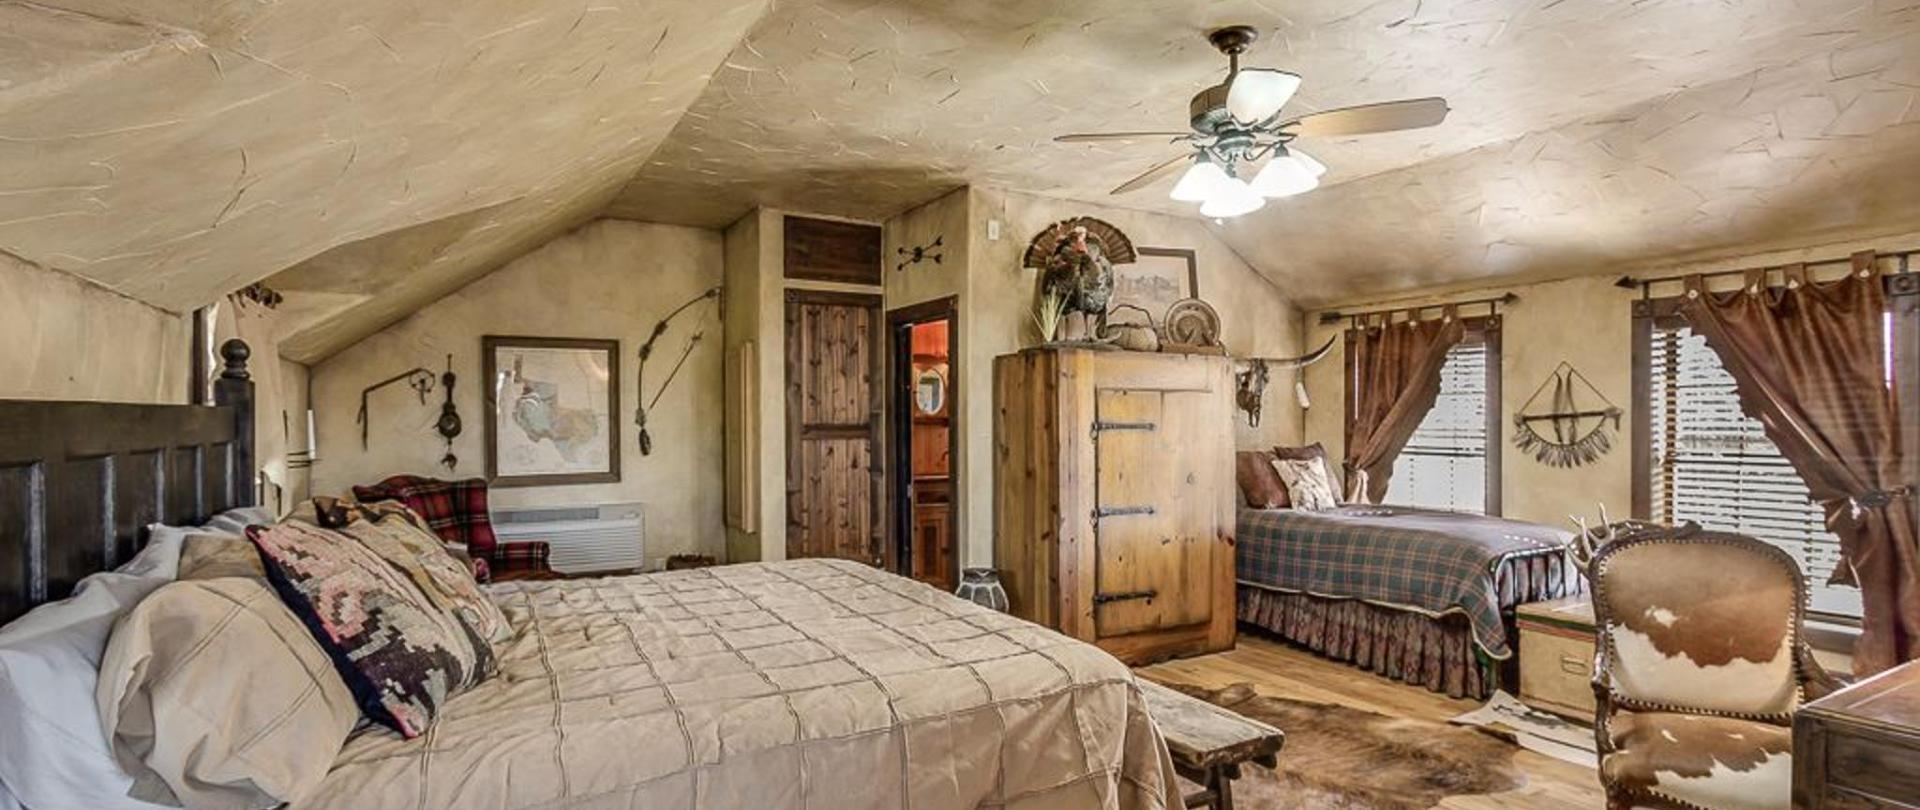 the last room ranch 1.JPG